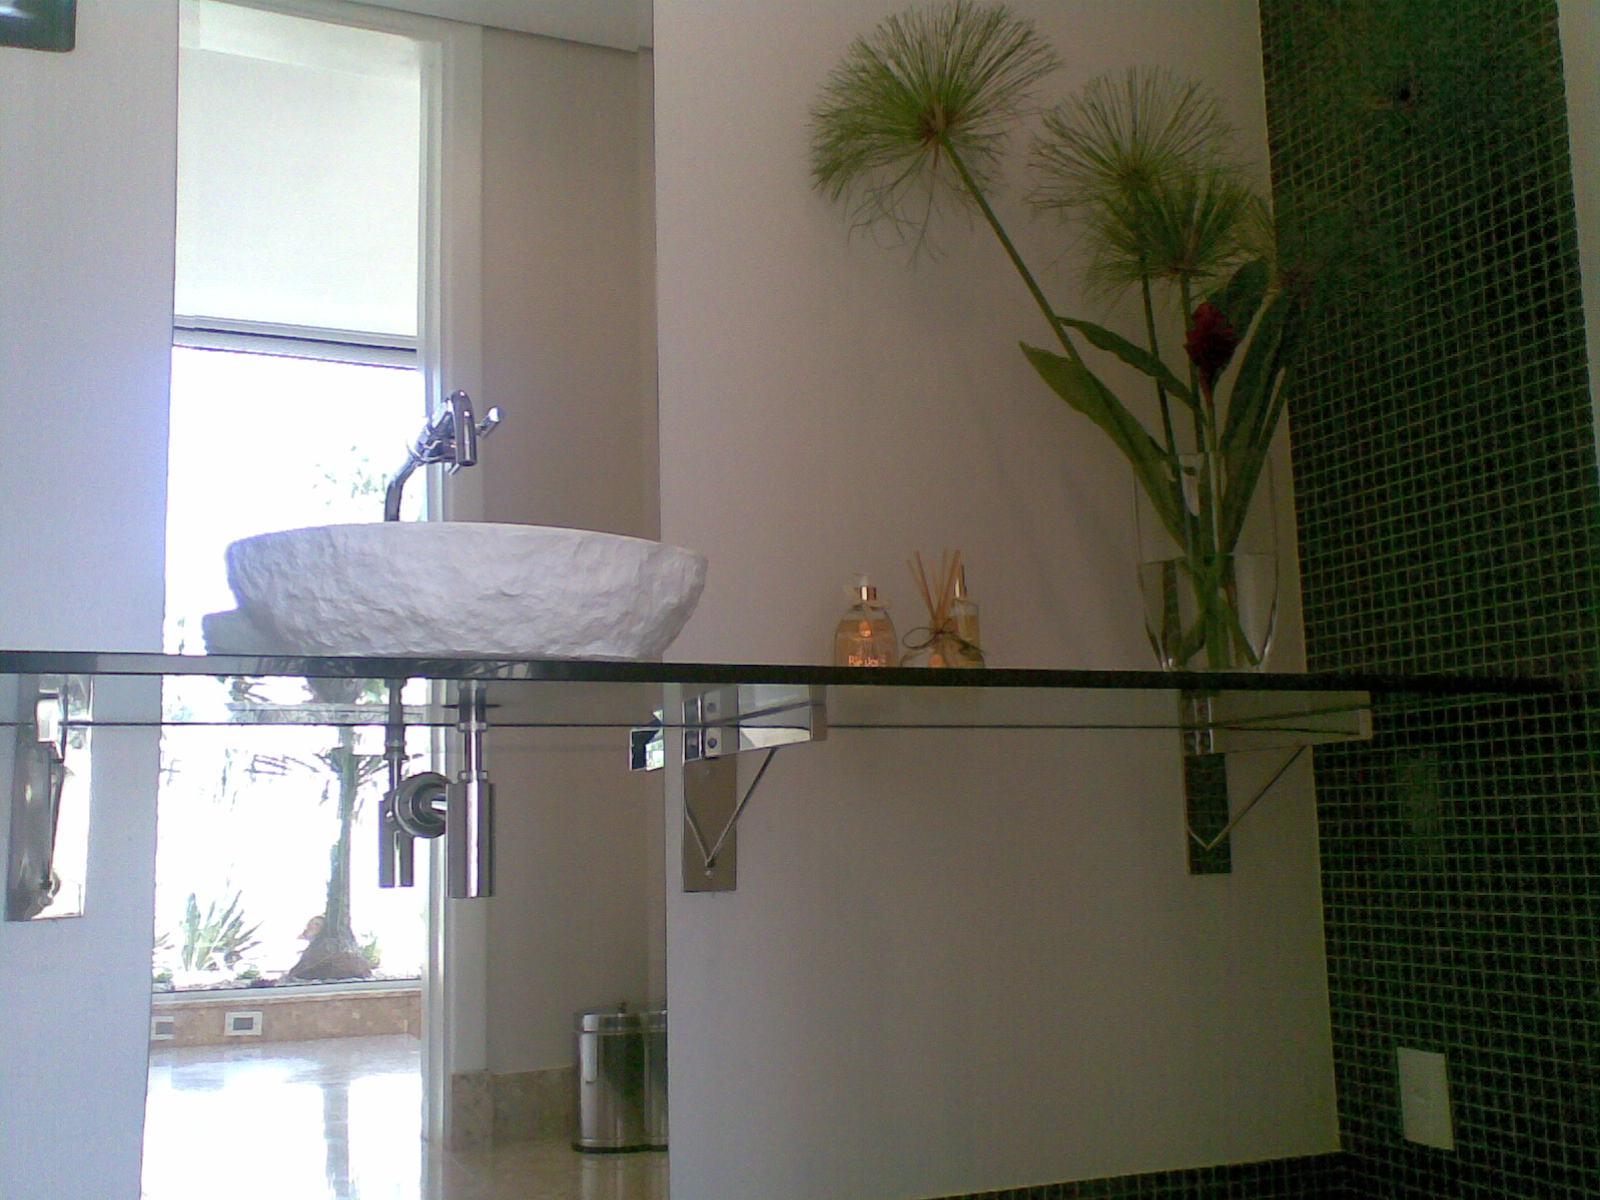 bancada em vidro os metais arrojados e as pastilhas de vidro foram #242814 1600x1200 Bancada Banheiro De Vidro